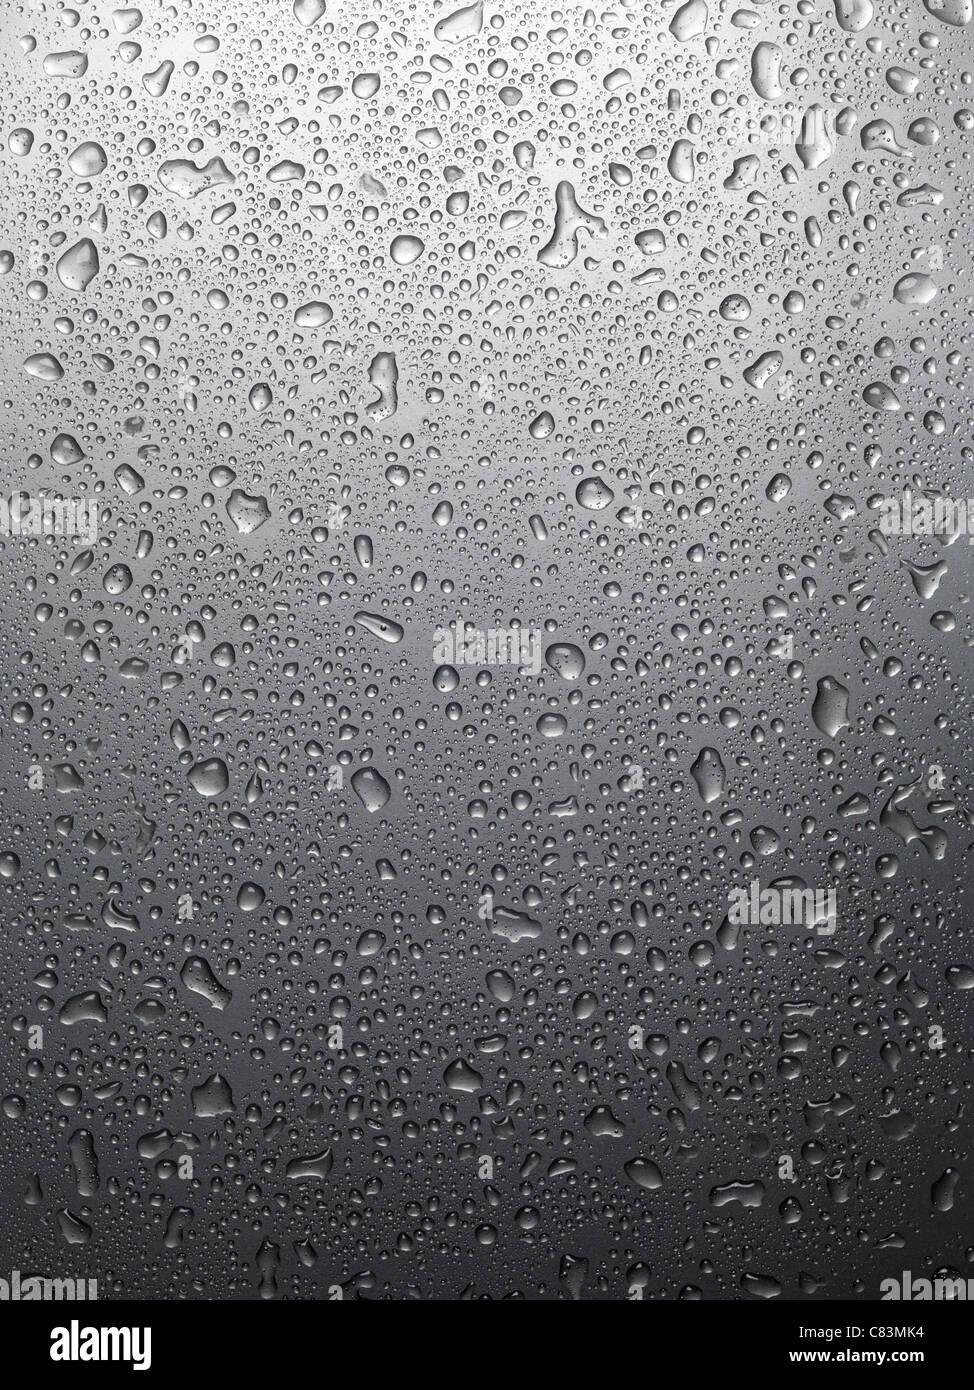 Métal gris brillant humide avec des gouttes de texture de fond de l'eau Photo Stock